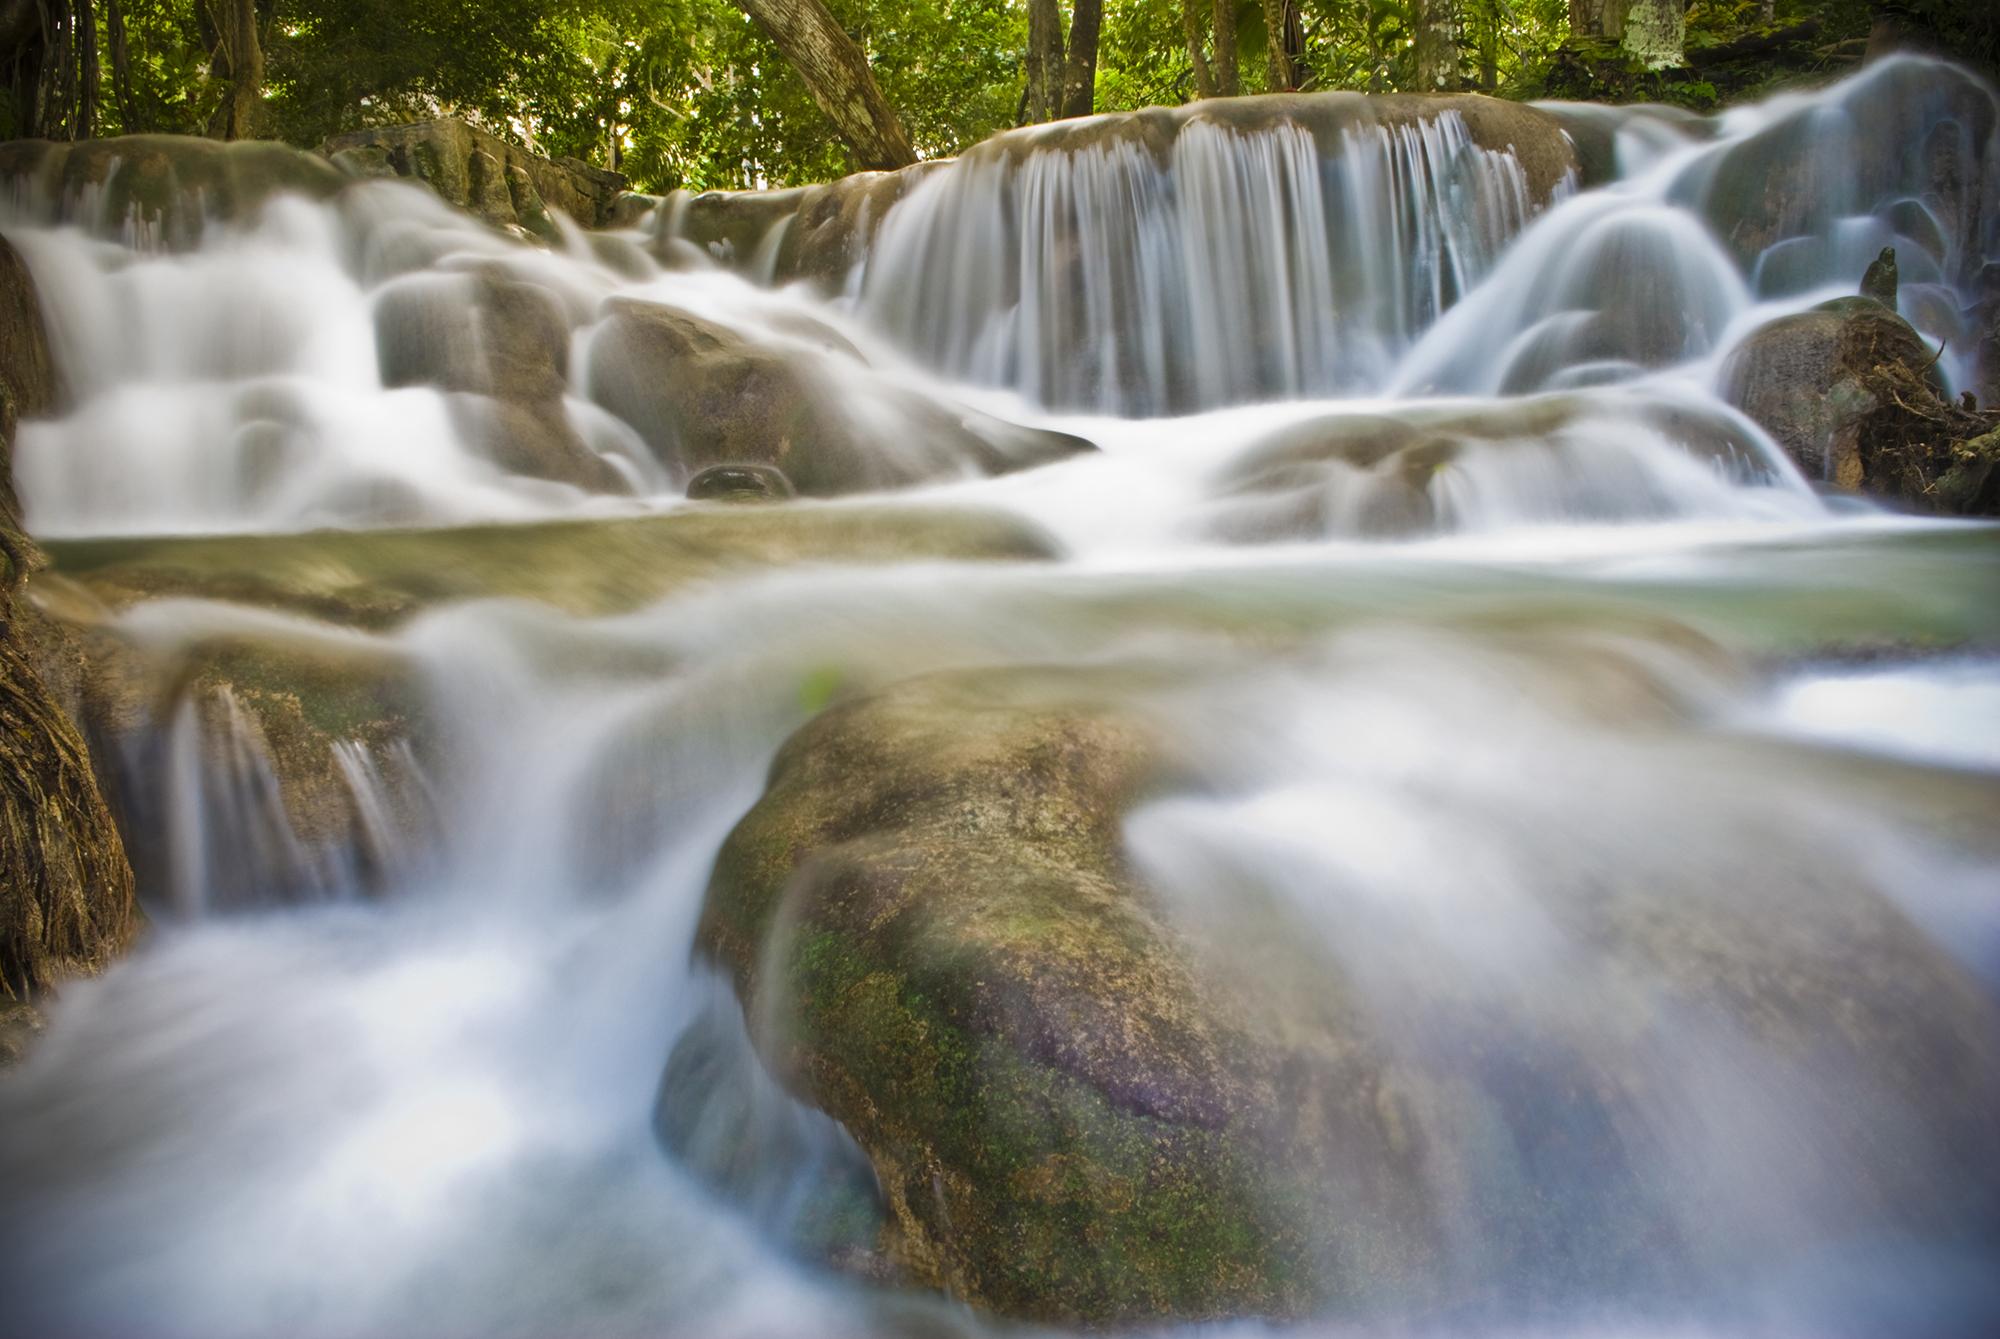 adam-szarmack-landscapes-jamaica-dunns-river-falls.jpg